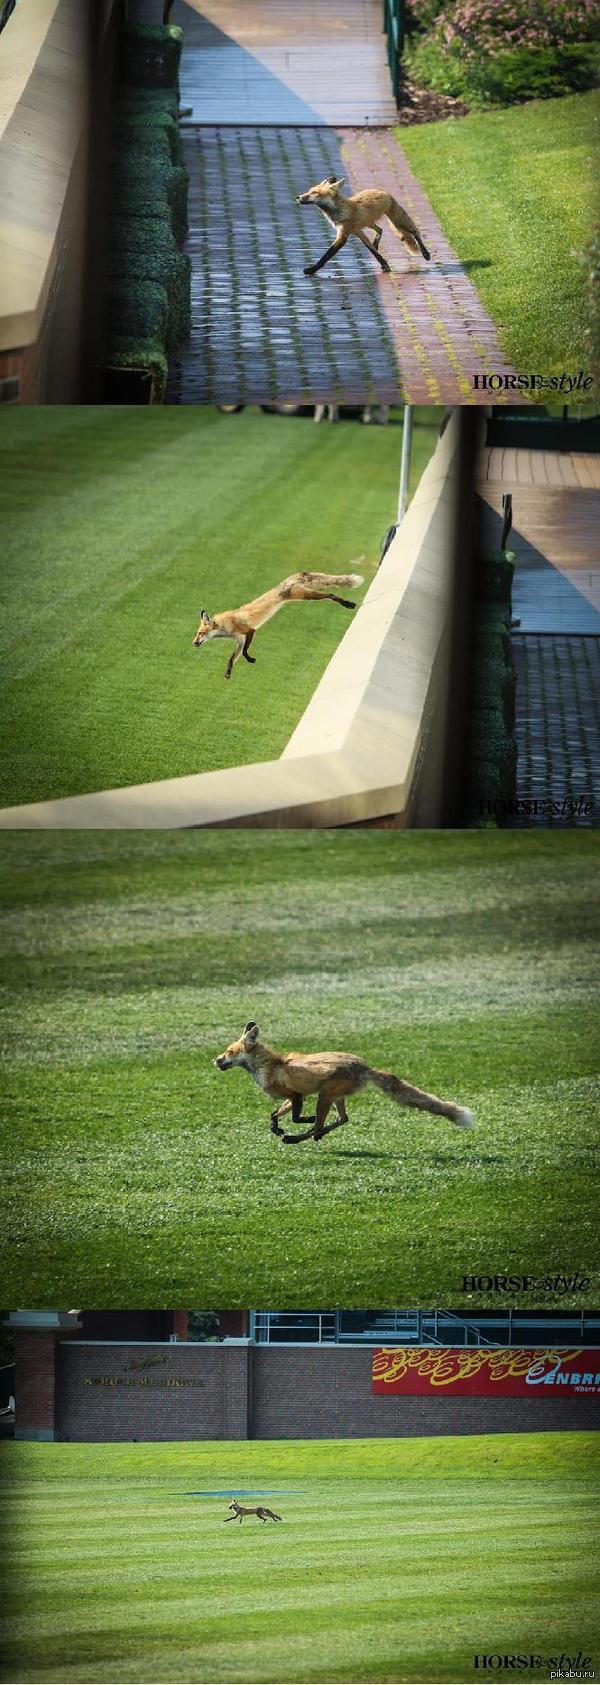 Держите лисичку. А то всё еноты да коты они в последнее время. После проведения соревнований по конному спорту на плац выбежал вот такой вот зверёк :3